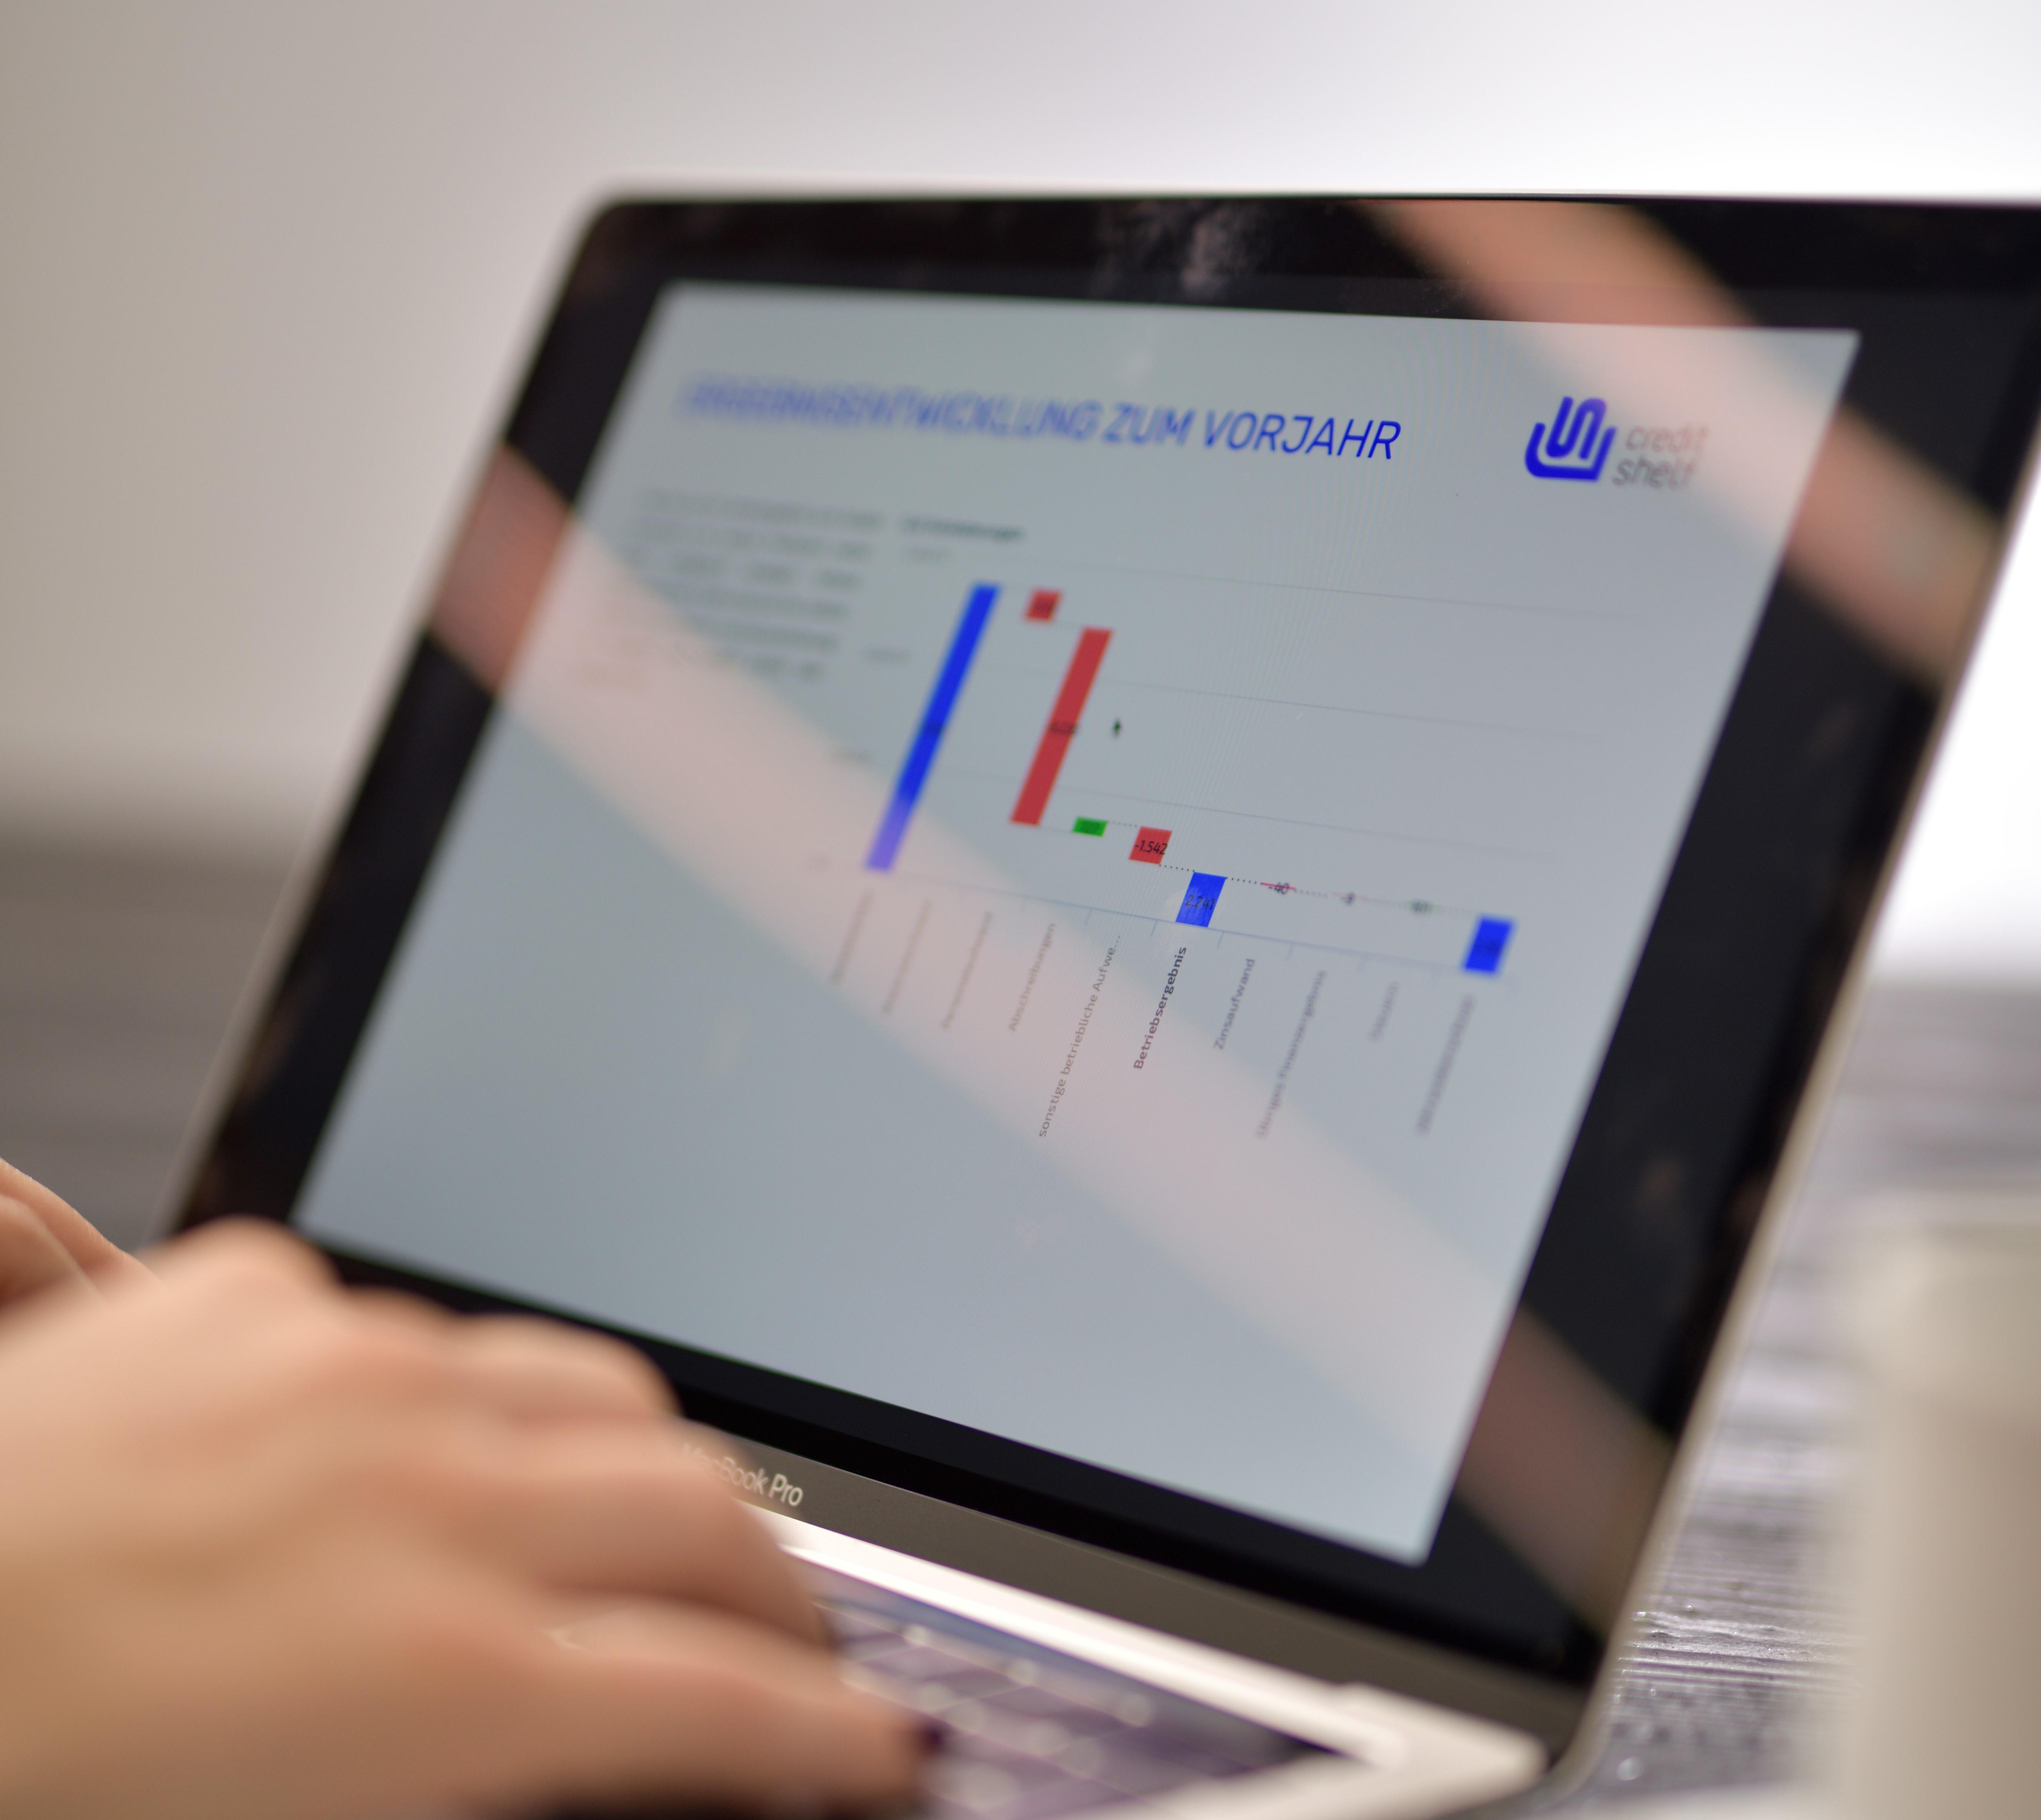 Laptop zeigt ein Diagramm mit Werten aus diesem und letzten Jahr